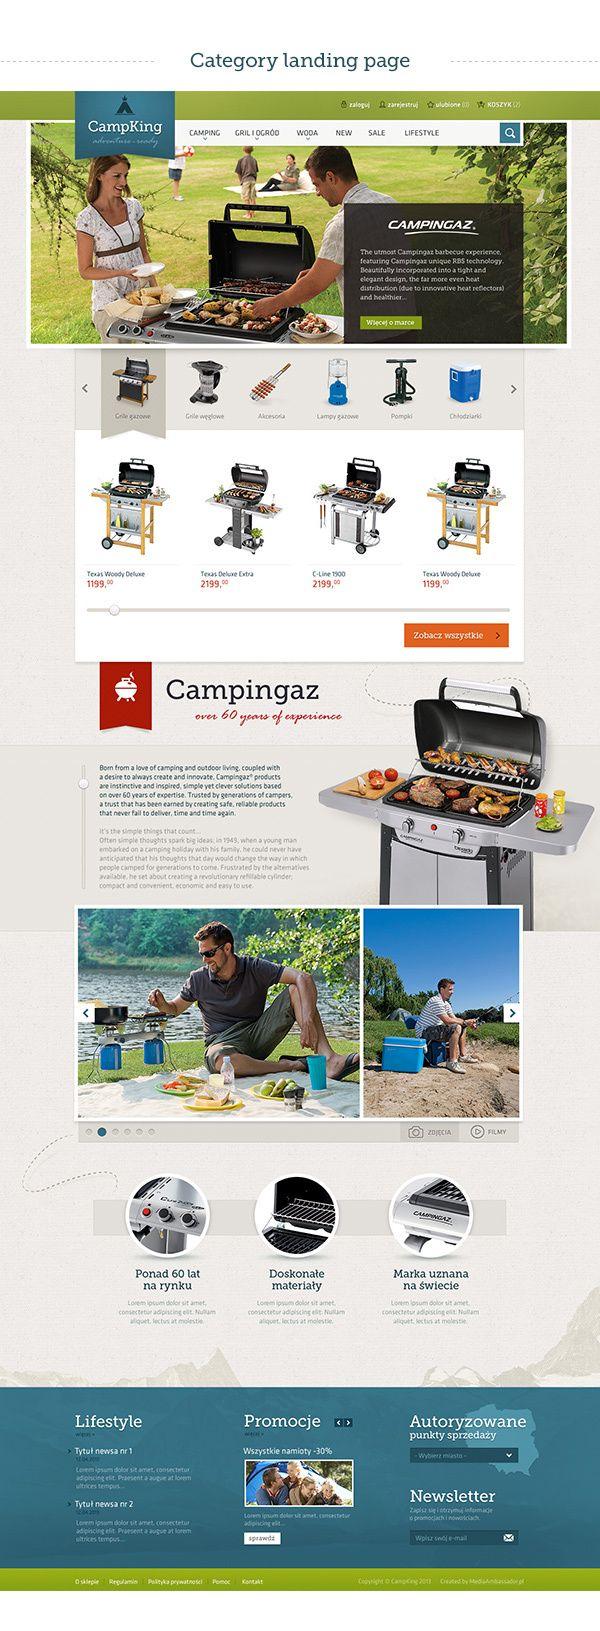 #Présentation #Produits #Marque #Commercial #Nature #Extérieur #Barbecue